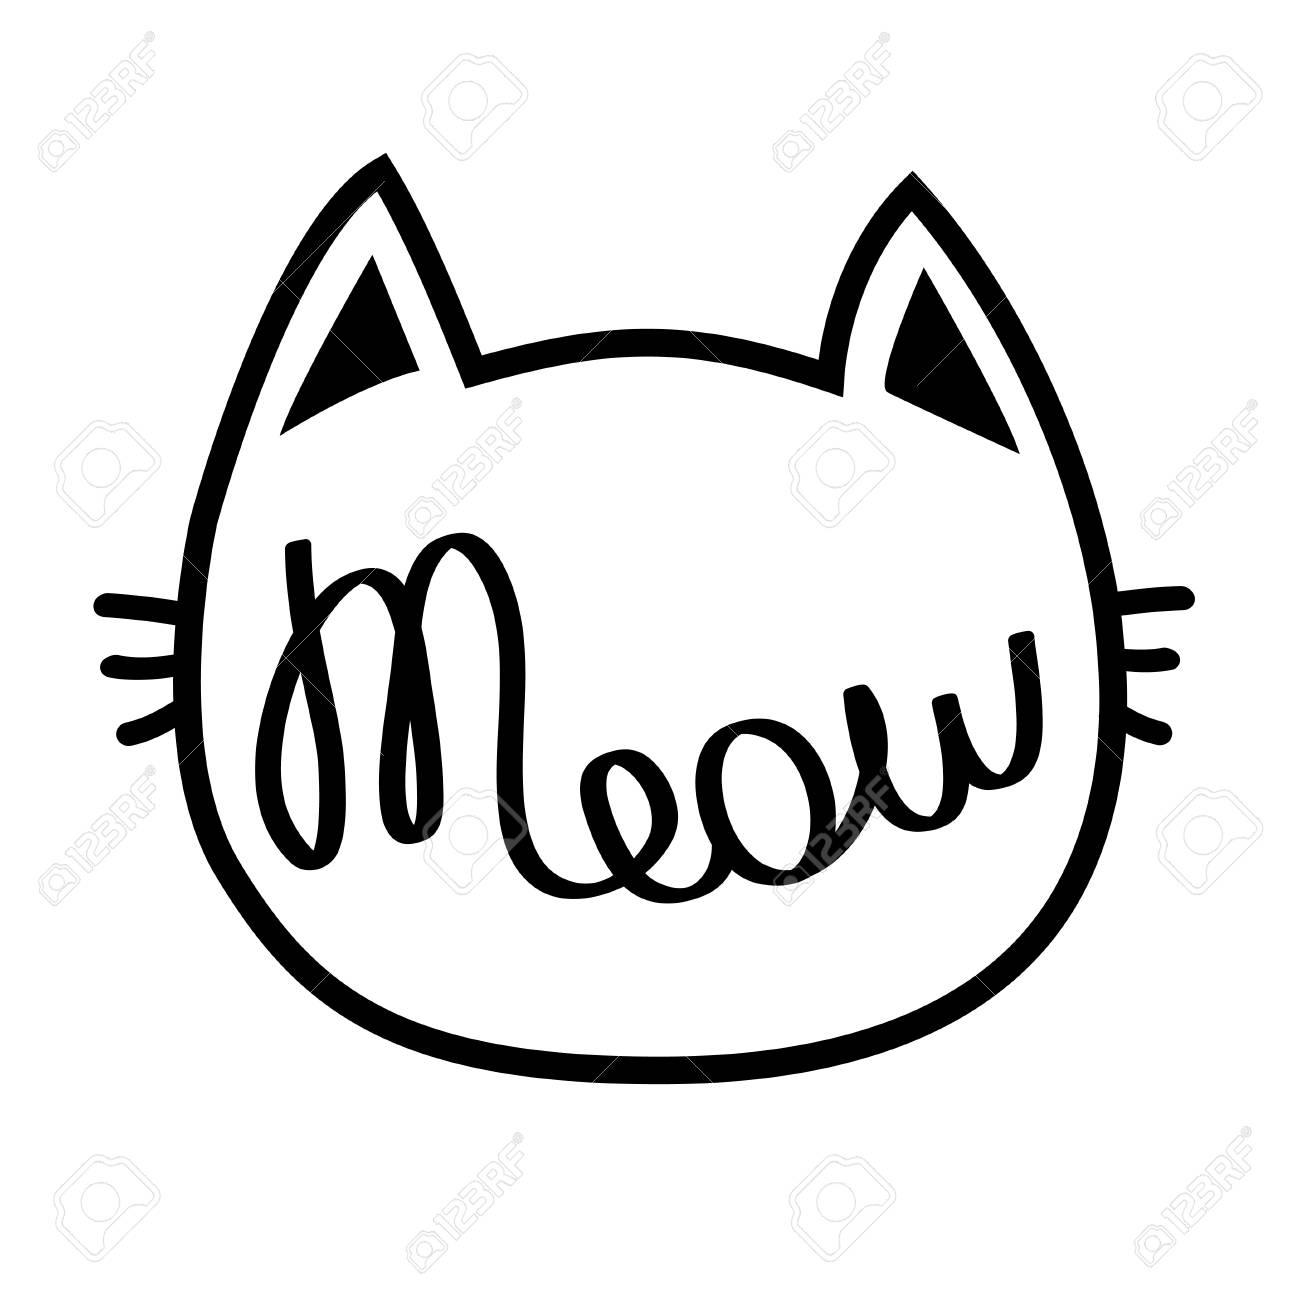 Tete De Contour De Chat Noir Meow Lettrage Texte Silhouette De